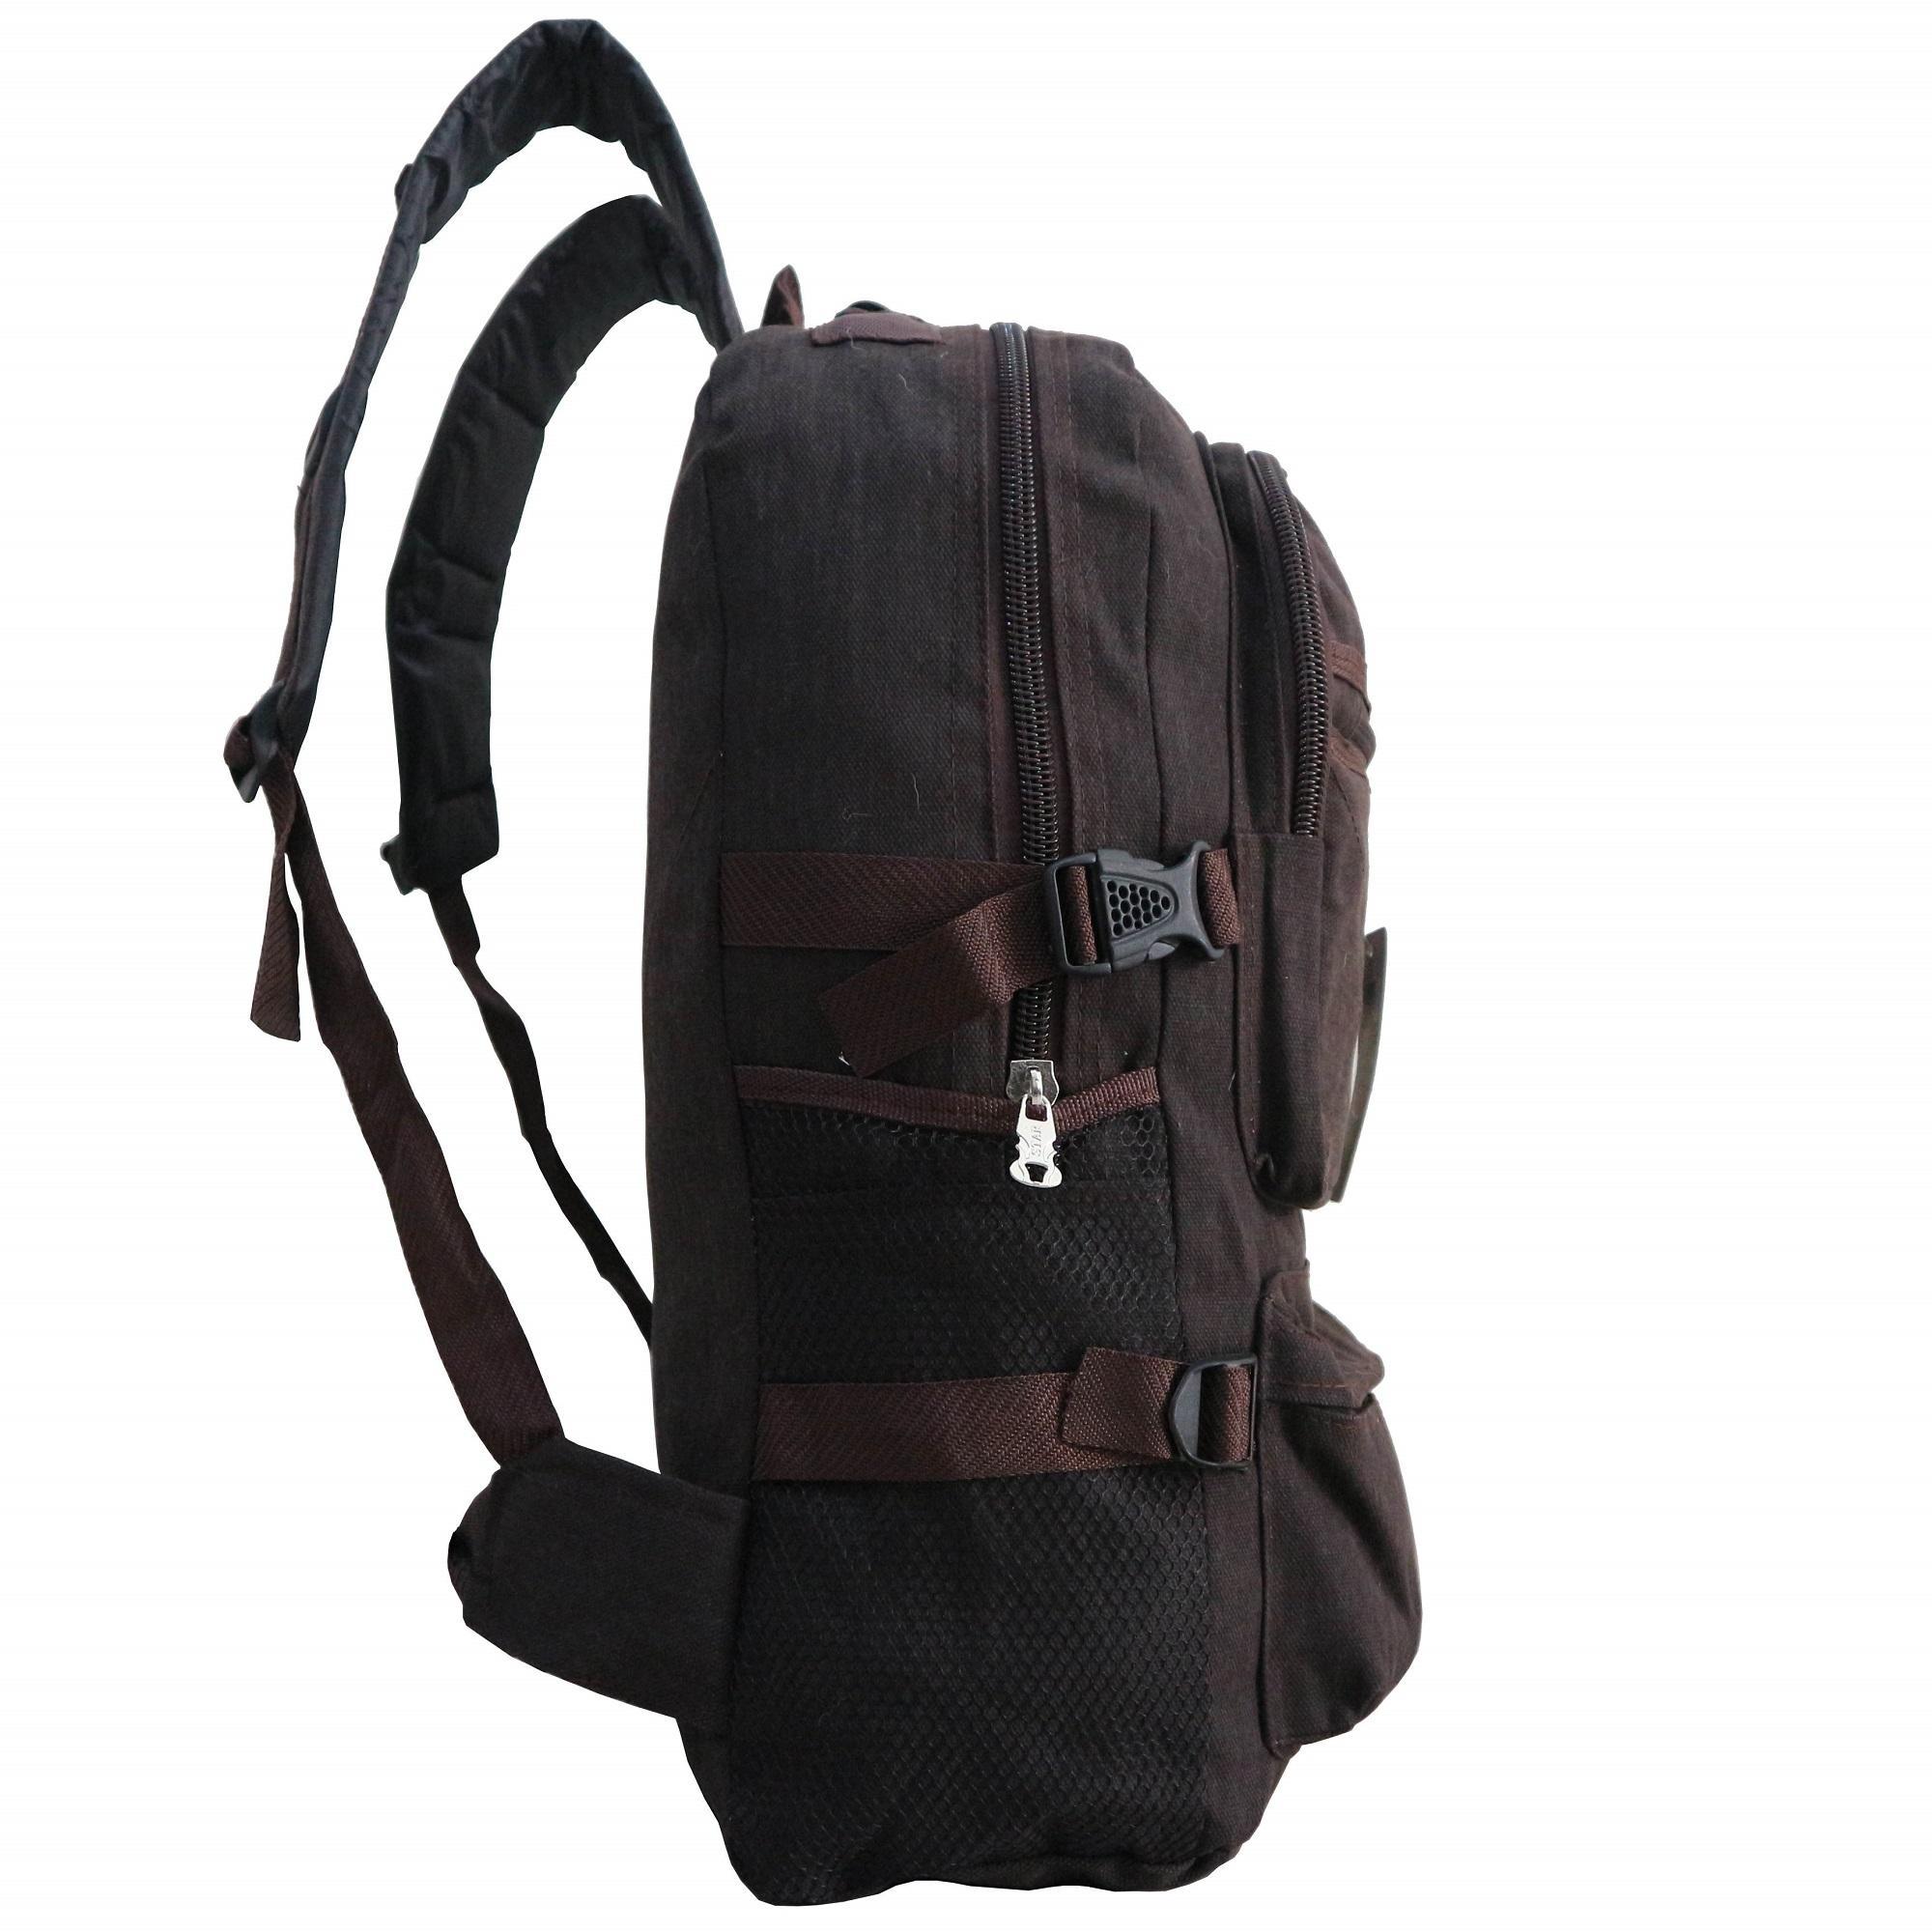 Fitur Tas Ransel Distro Backpack Traveling Dan Harga Terbaru Info Lipat Travel Santai 4